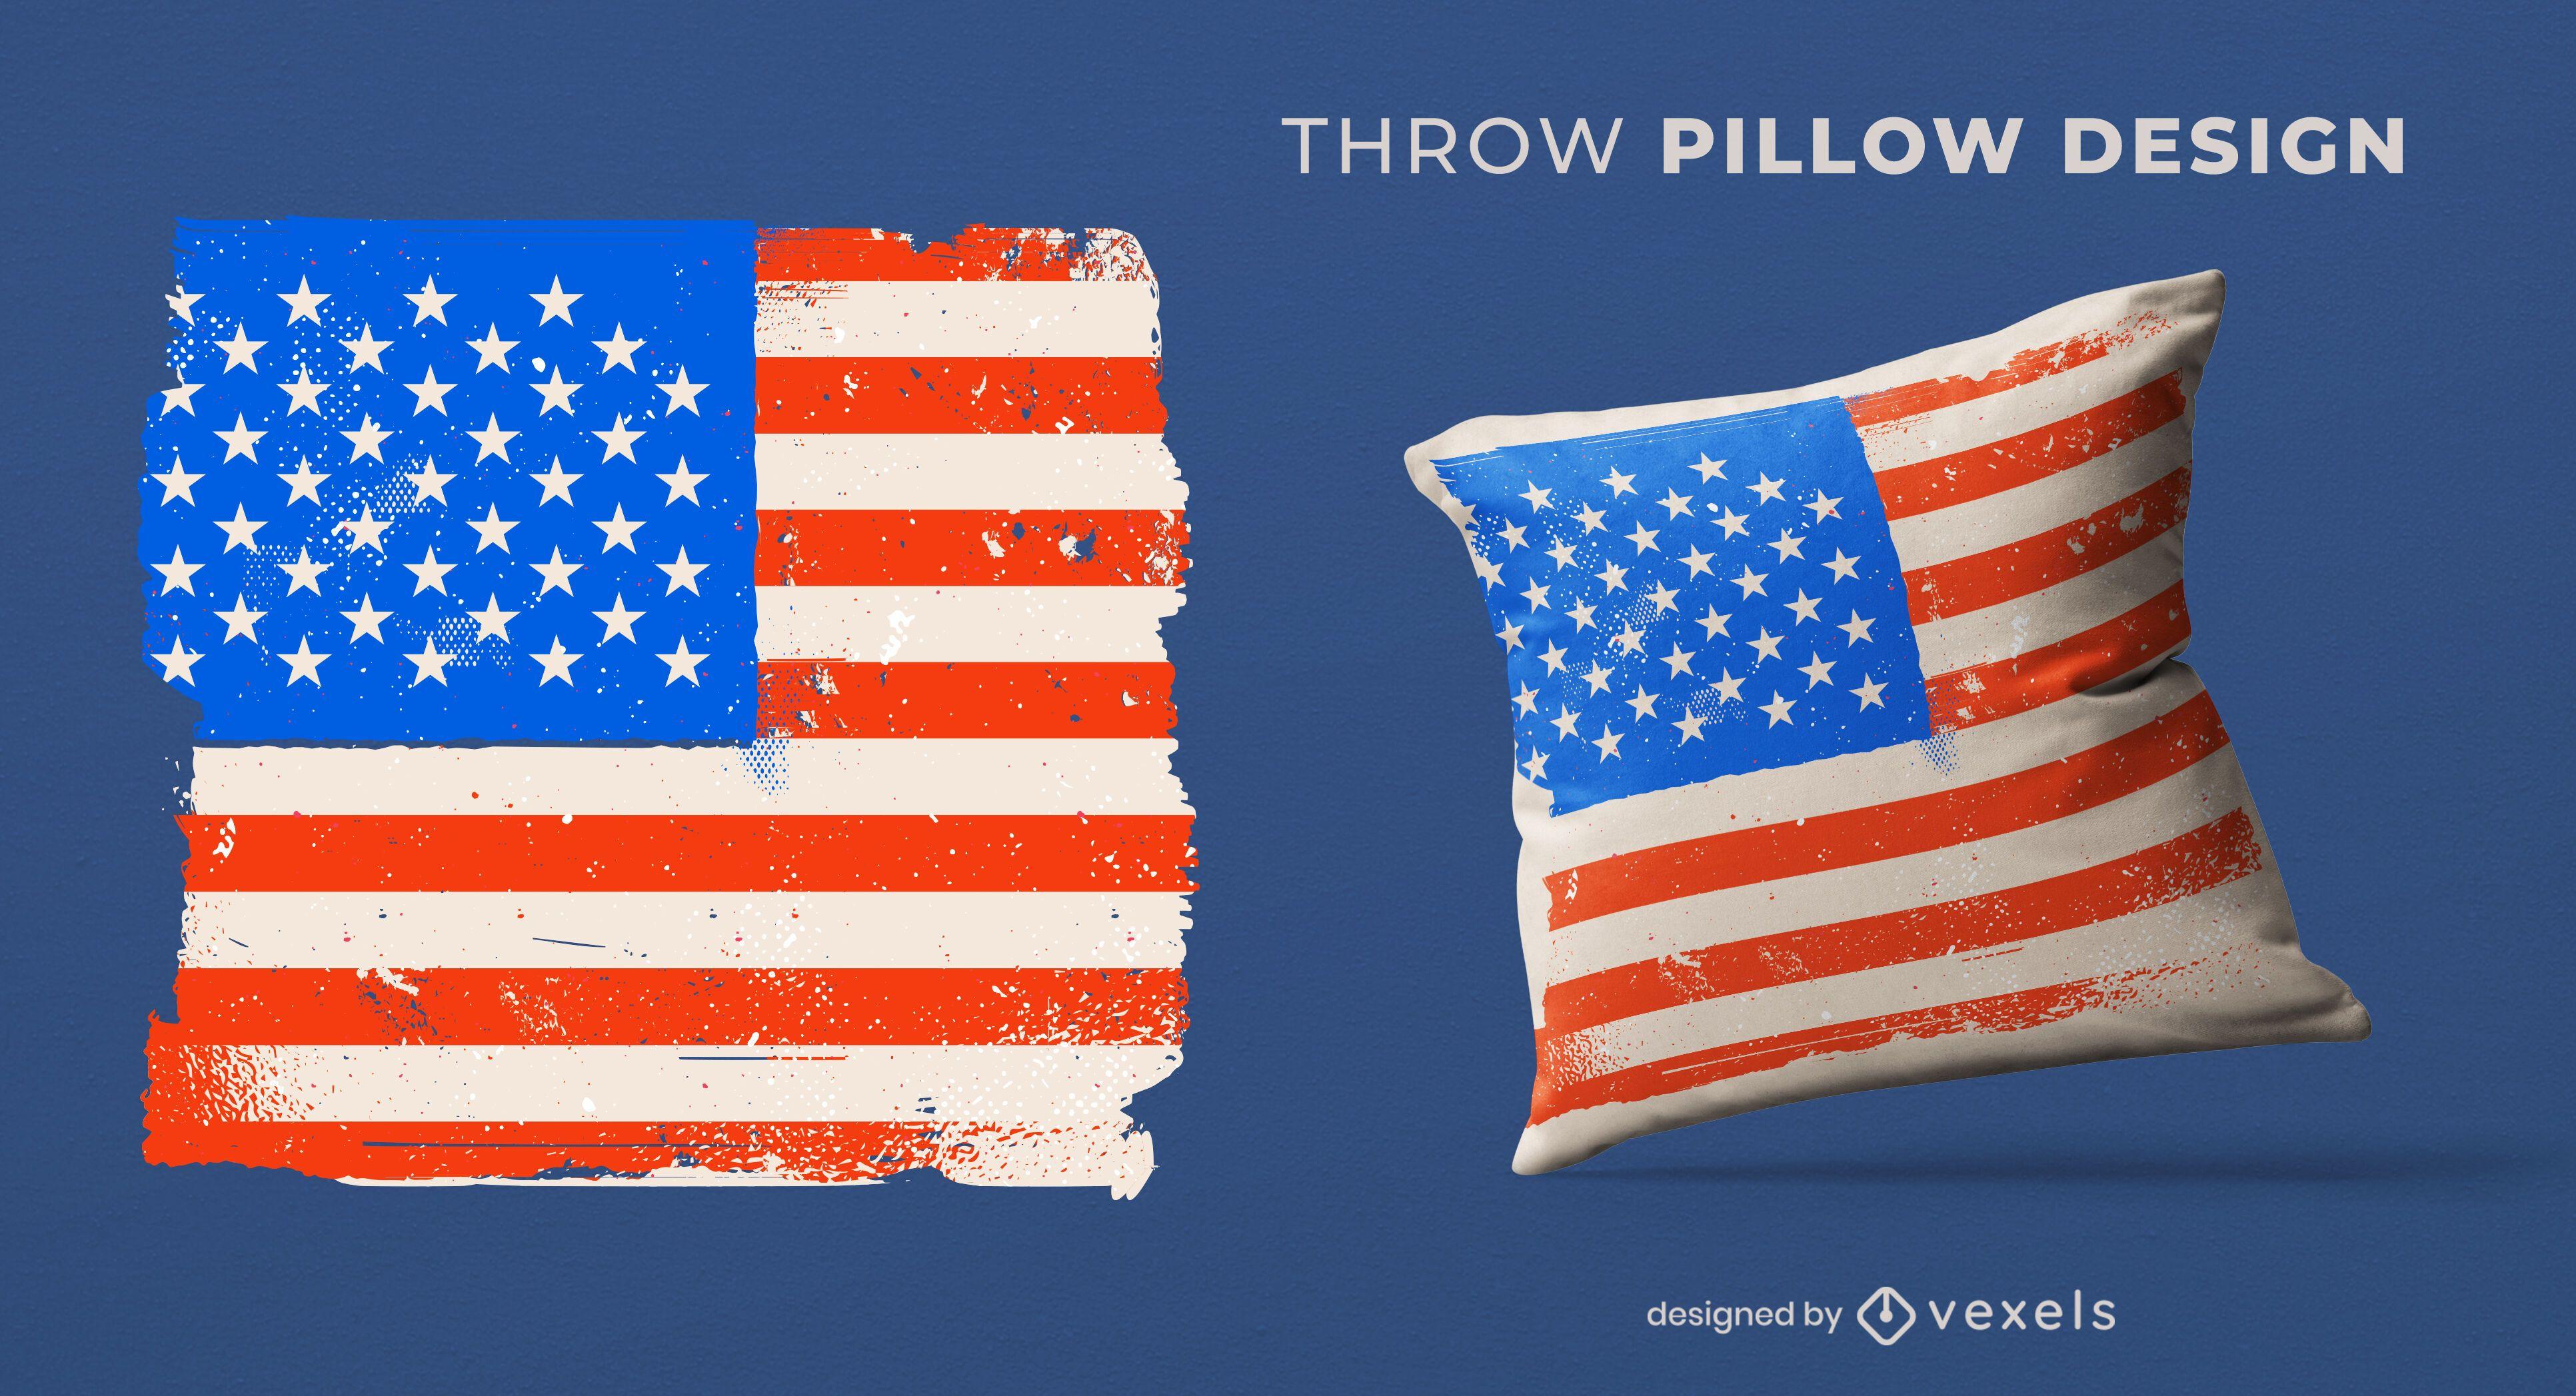 Diseño de almohada de tiro de estados unidos